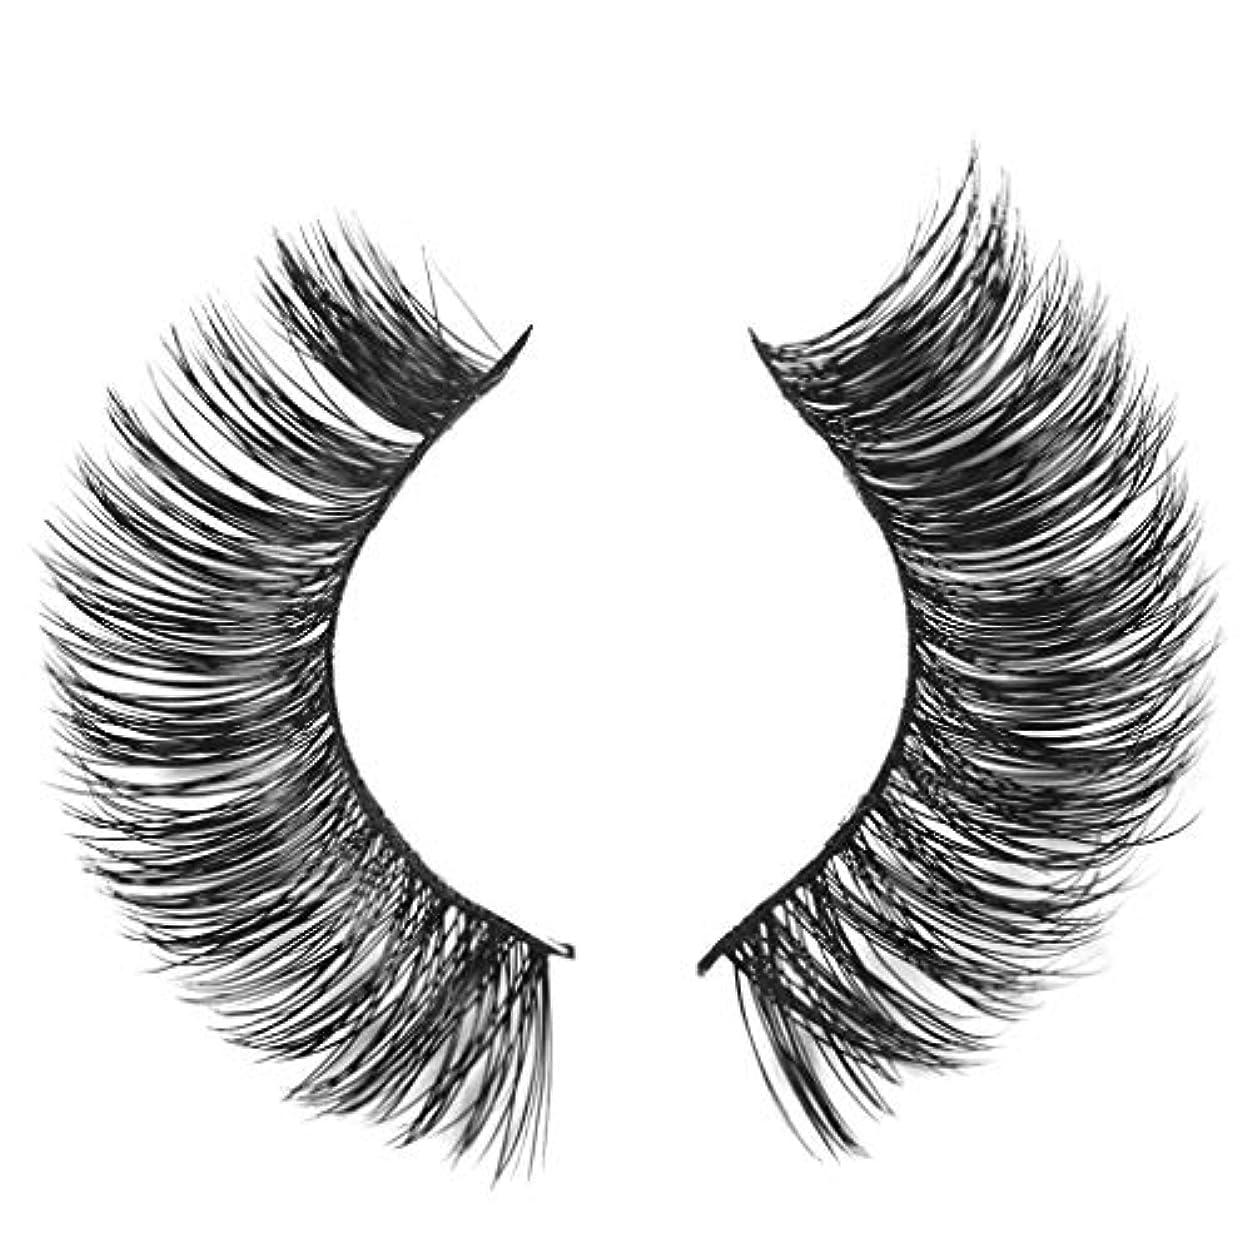 何故なの中止します占めるミンクの毛の自然な厚くなる化粧品の3D版のための一組のまつげ